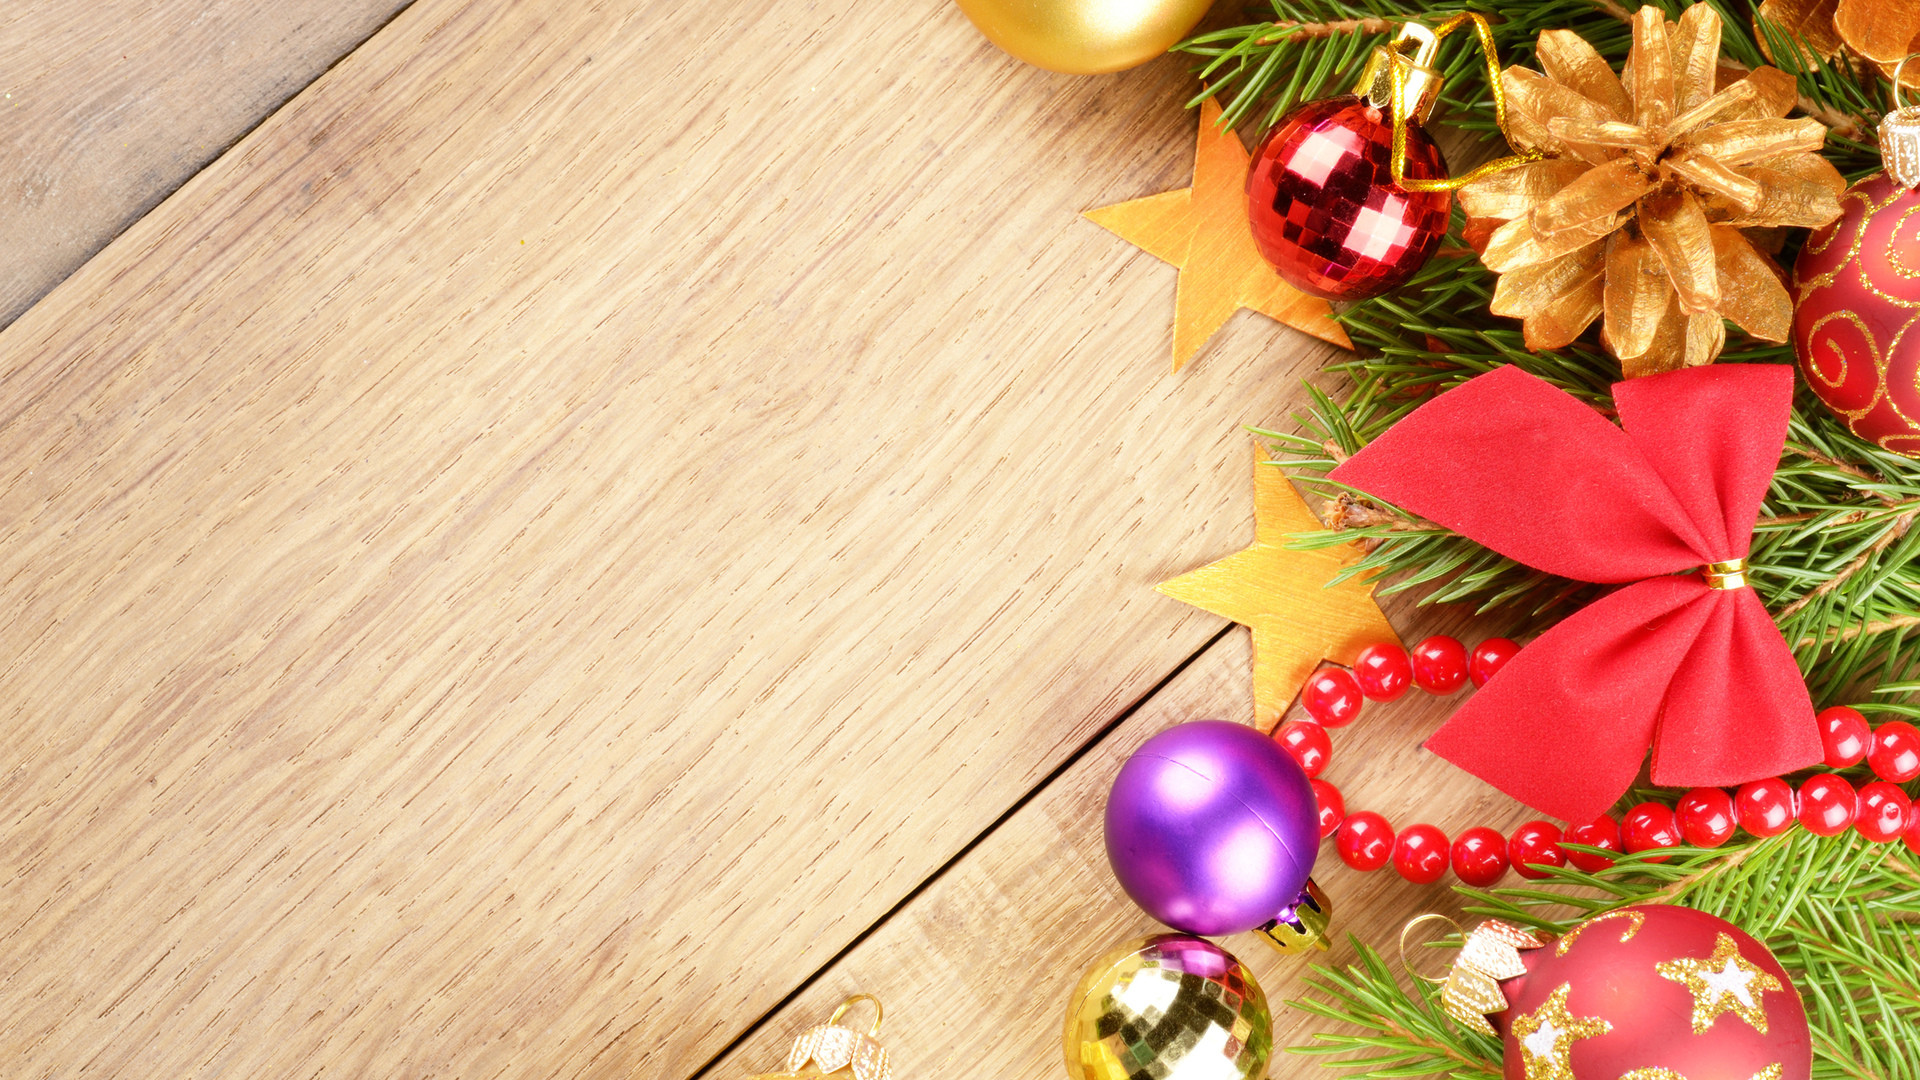 original wallpaper download: Christmas wallpapers – 2560×1600 · christmas  wallpapers for desktop …